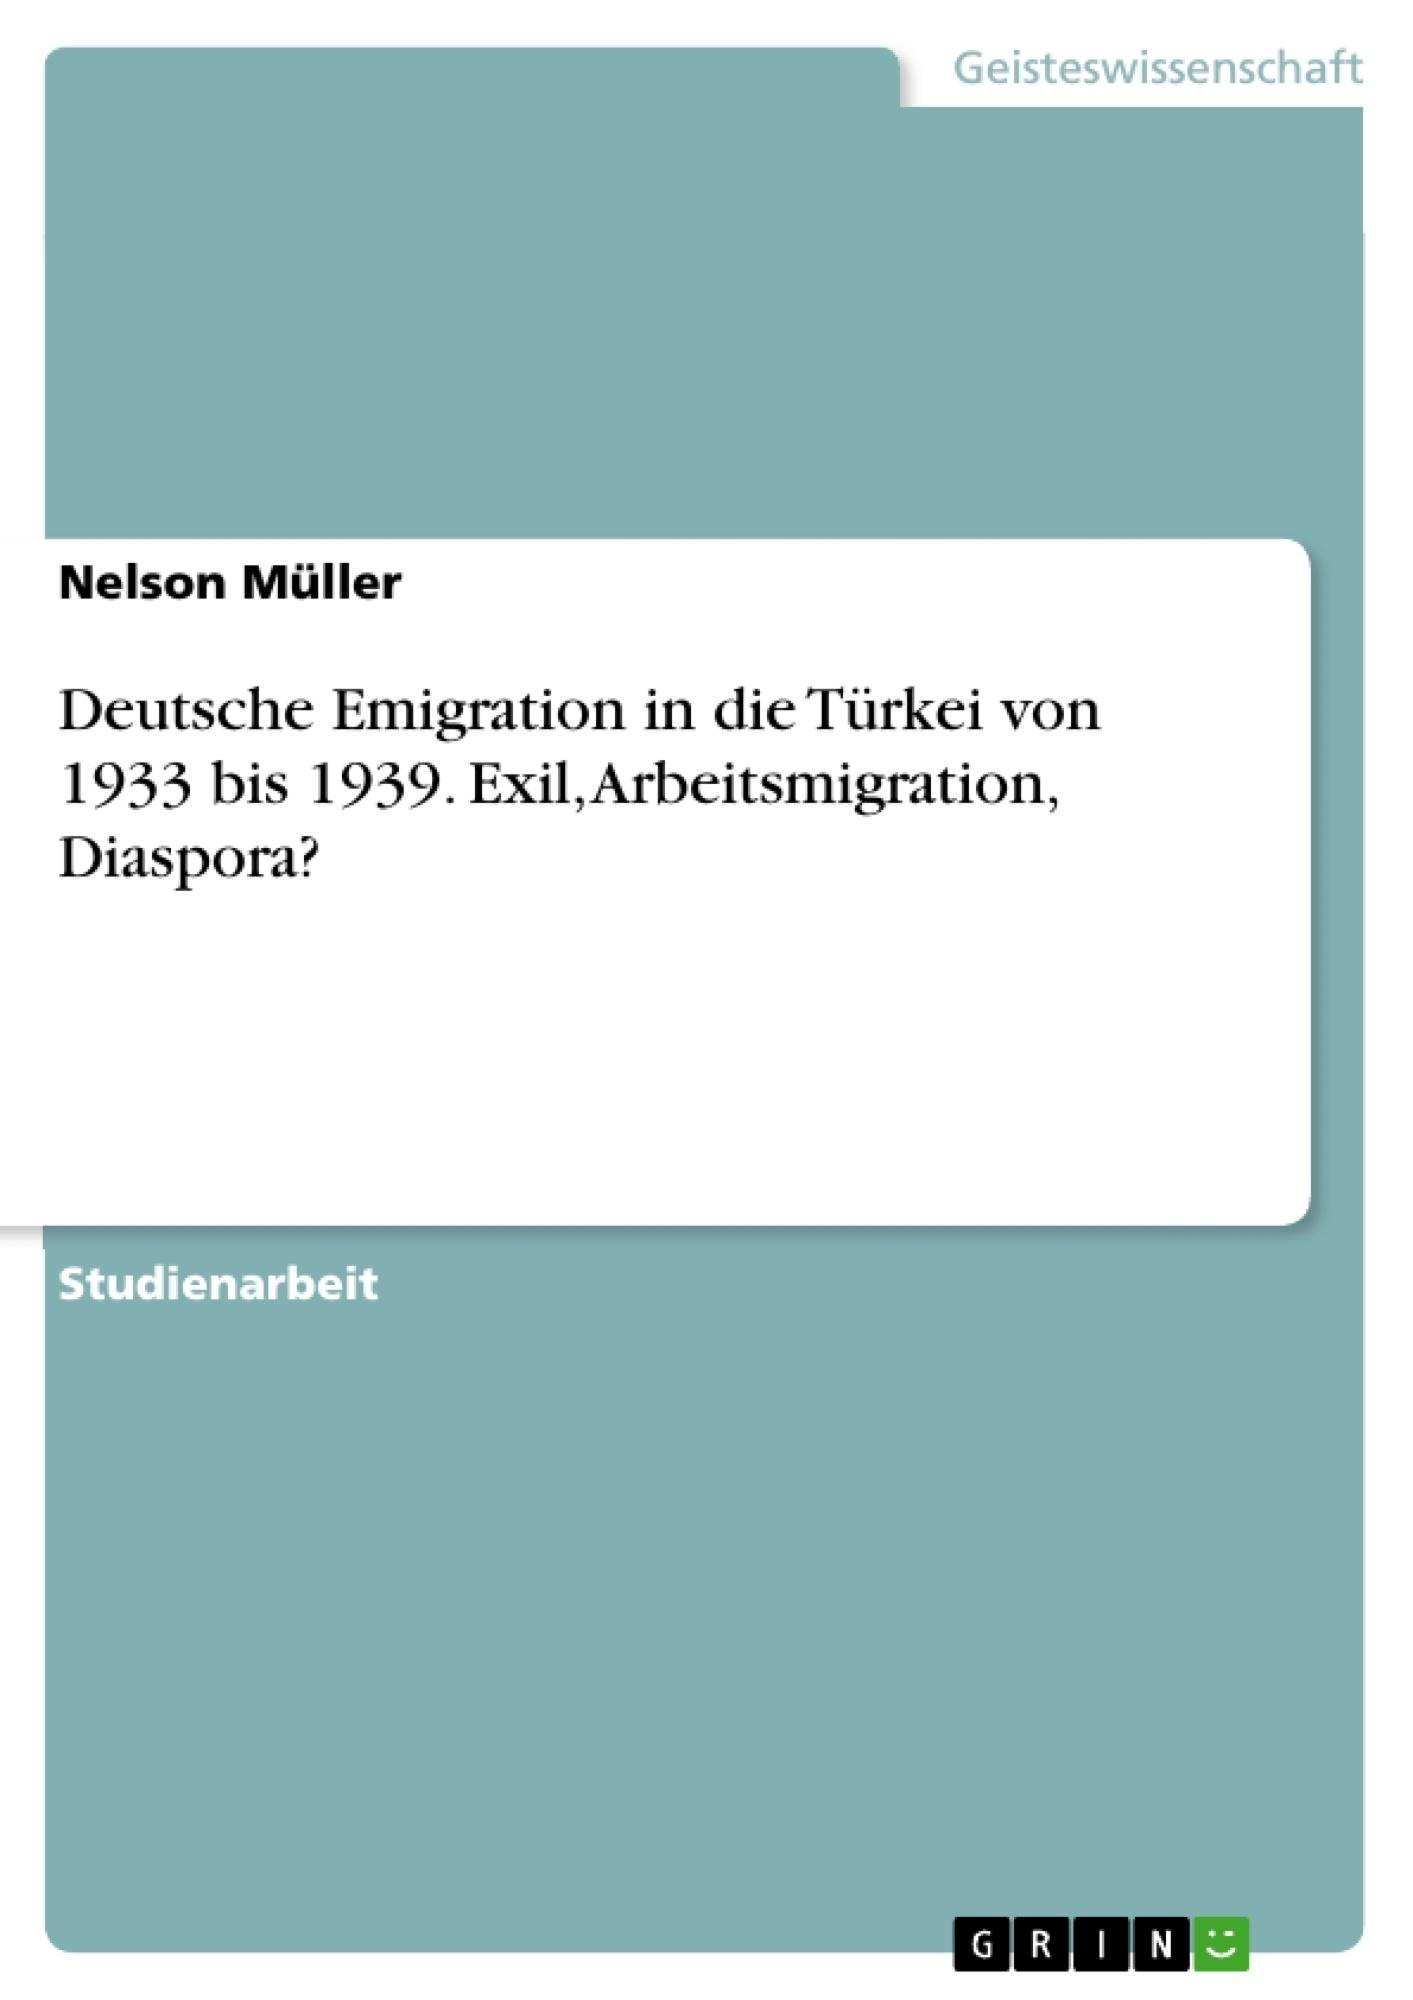 Titel: Deutsche Emigration in die Türkei von 1933 bis 1939. Exil, Arbeitsmigration, Diaspora?